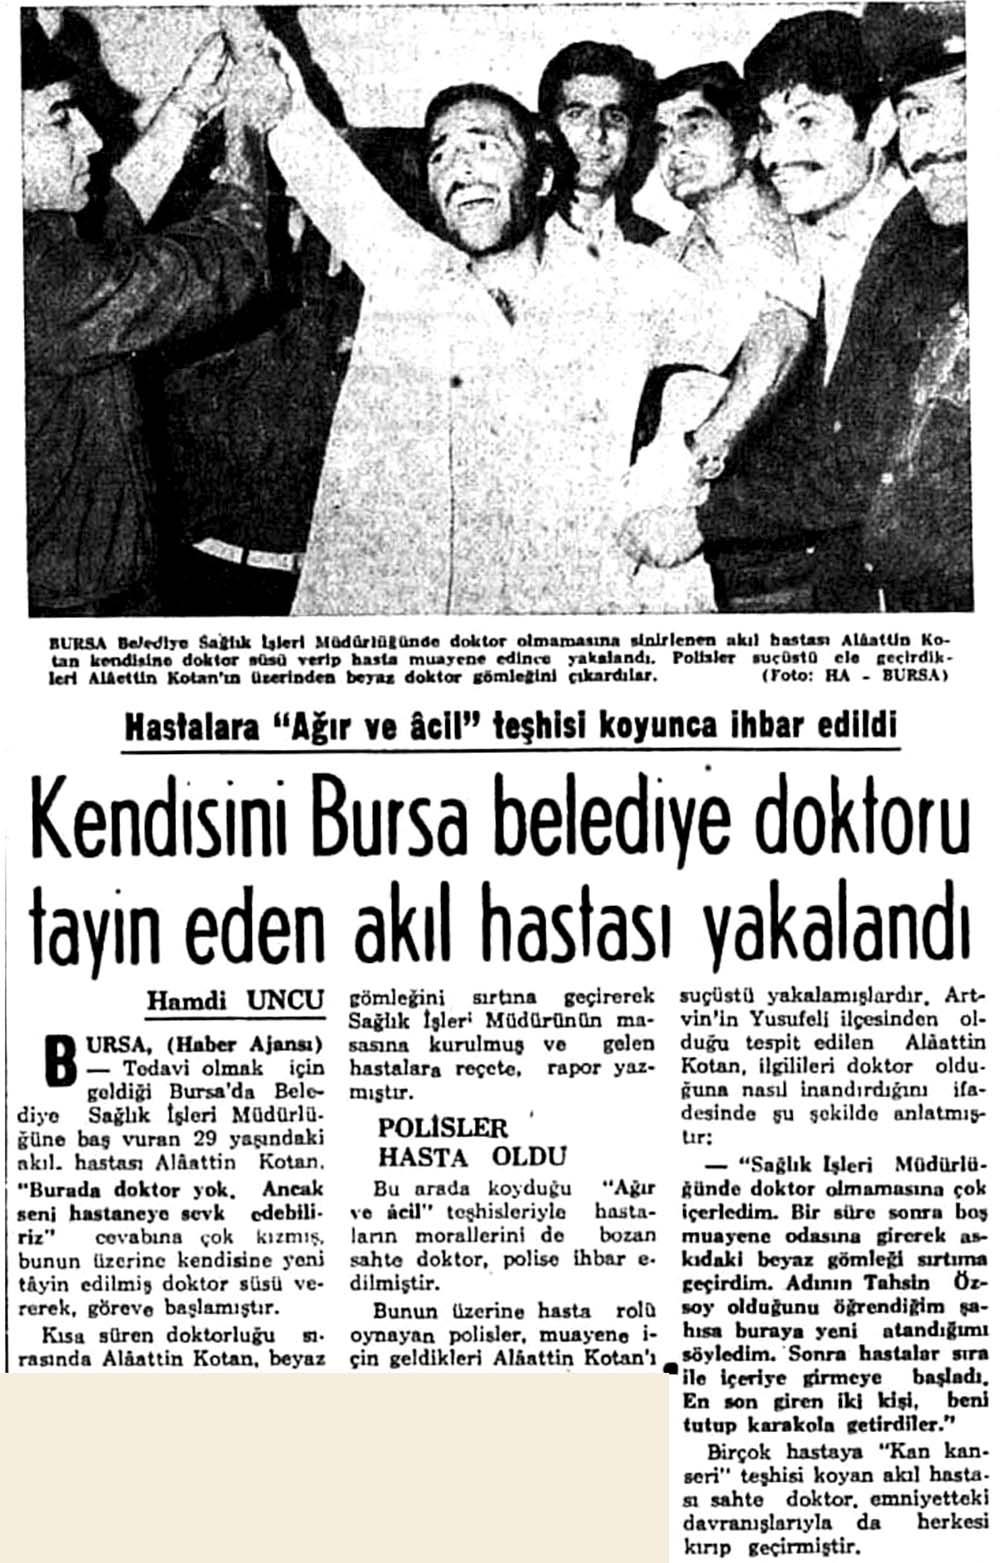 Kendisini Bursa belediye doktoru tayin eden akıl hastası yakalandı